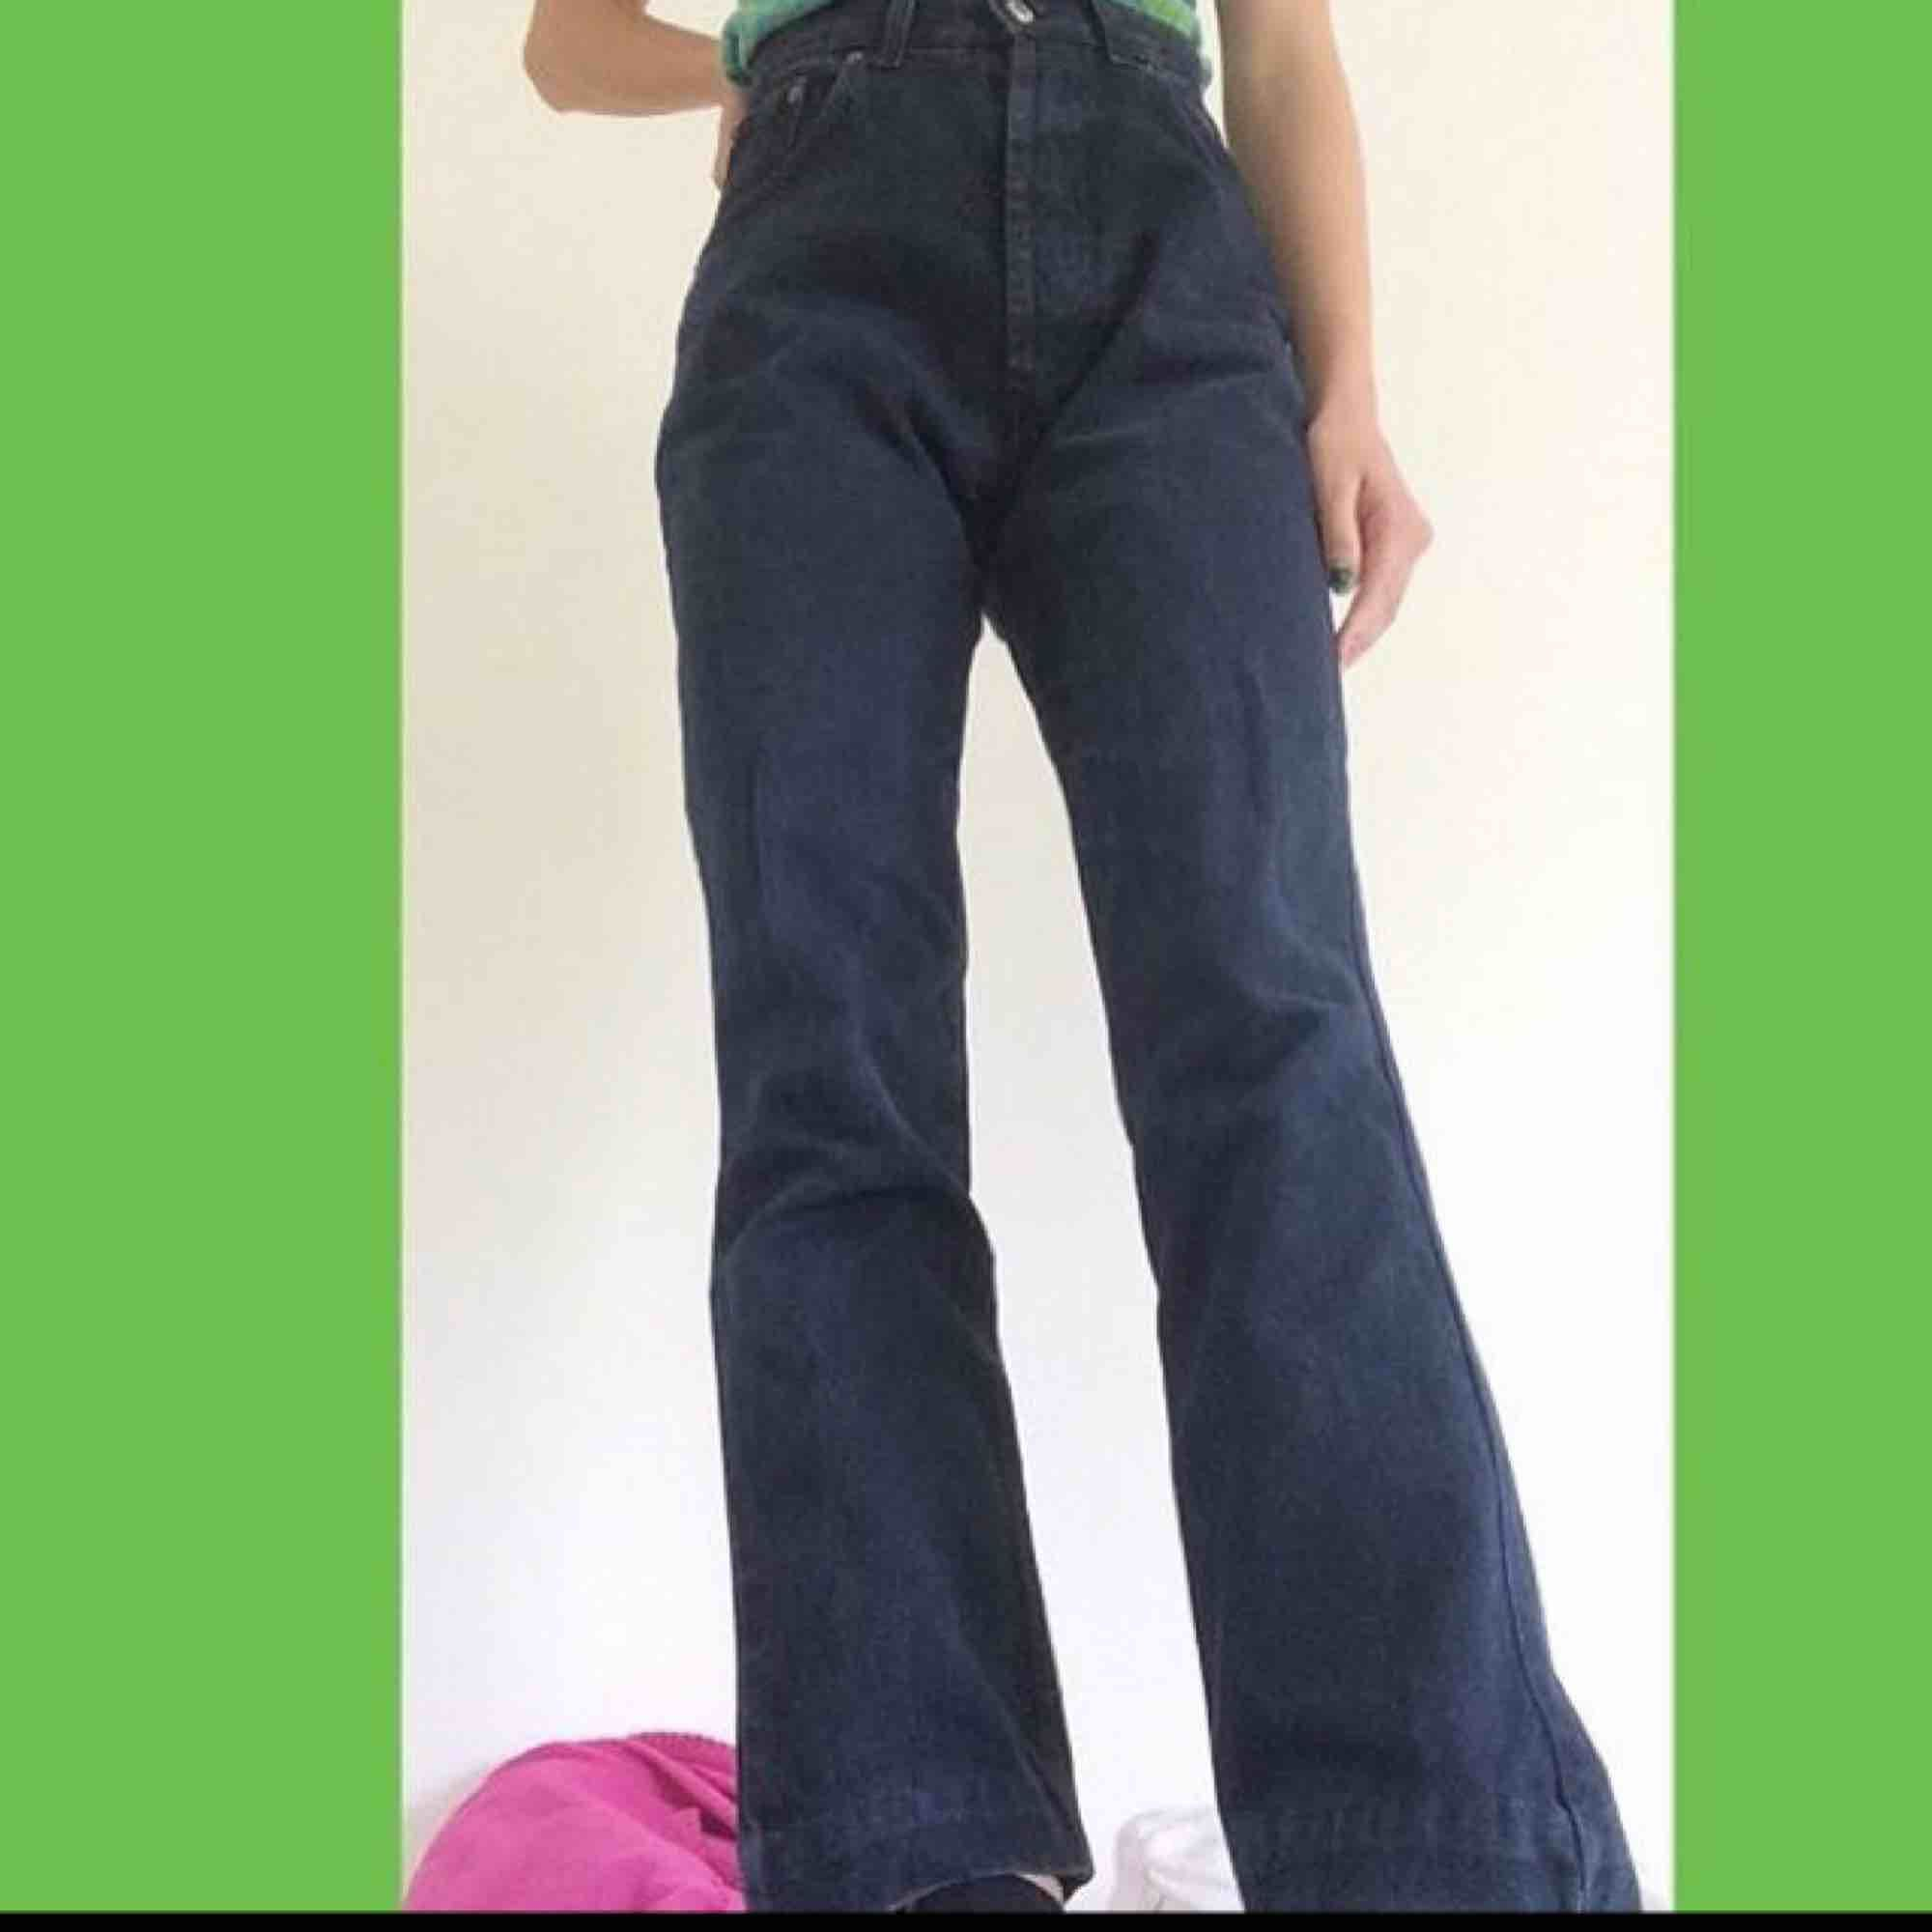 Mörkblå jeans! Fake Levis, W:30 L:36 så typ S - M, passar mig som är S med skärp! Fraktar om köparen betalar frakt, annars möts i Stockholm!!. Jeans & Byxor.